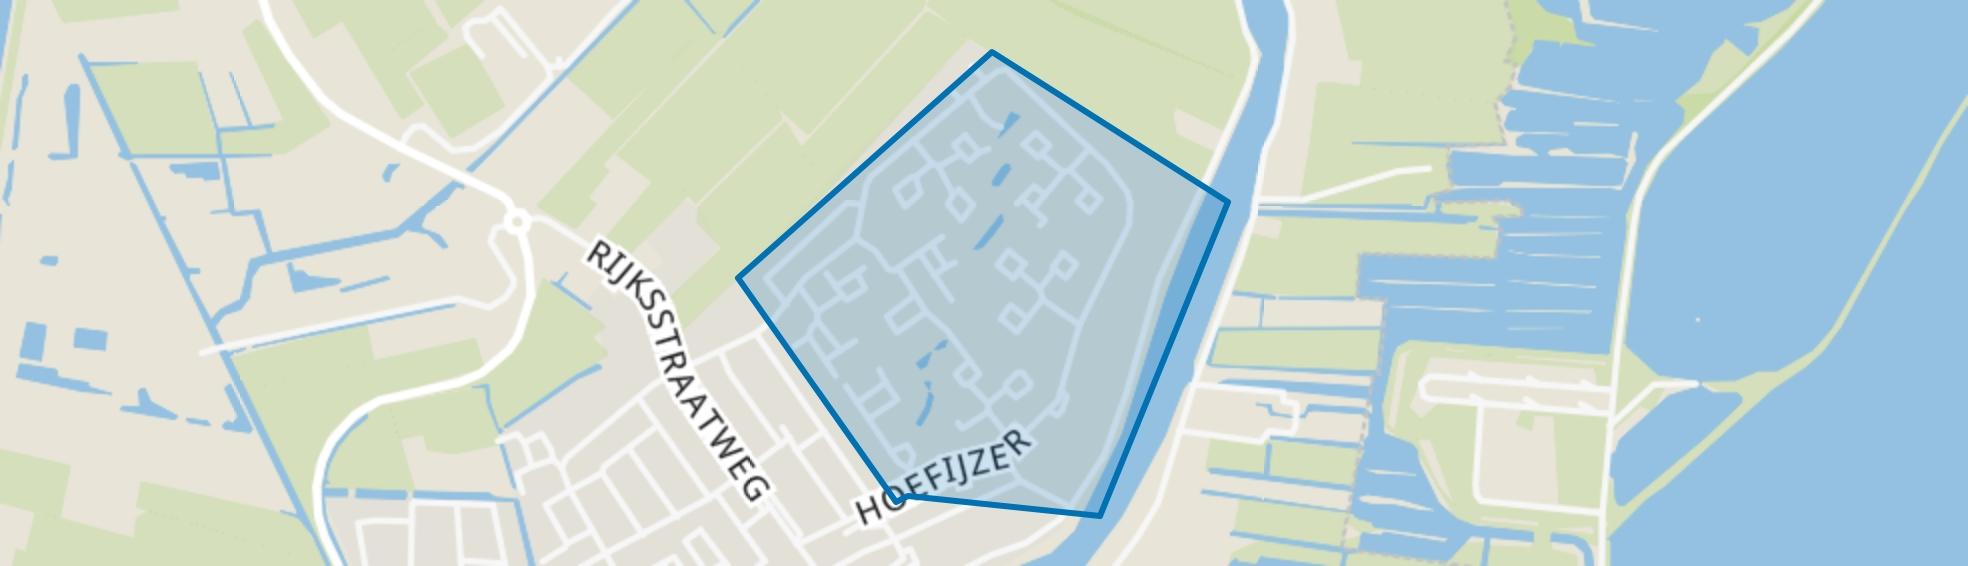 Hoefijzer, Loenen aan de Vecht map